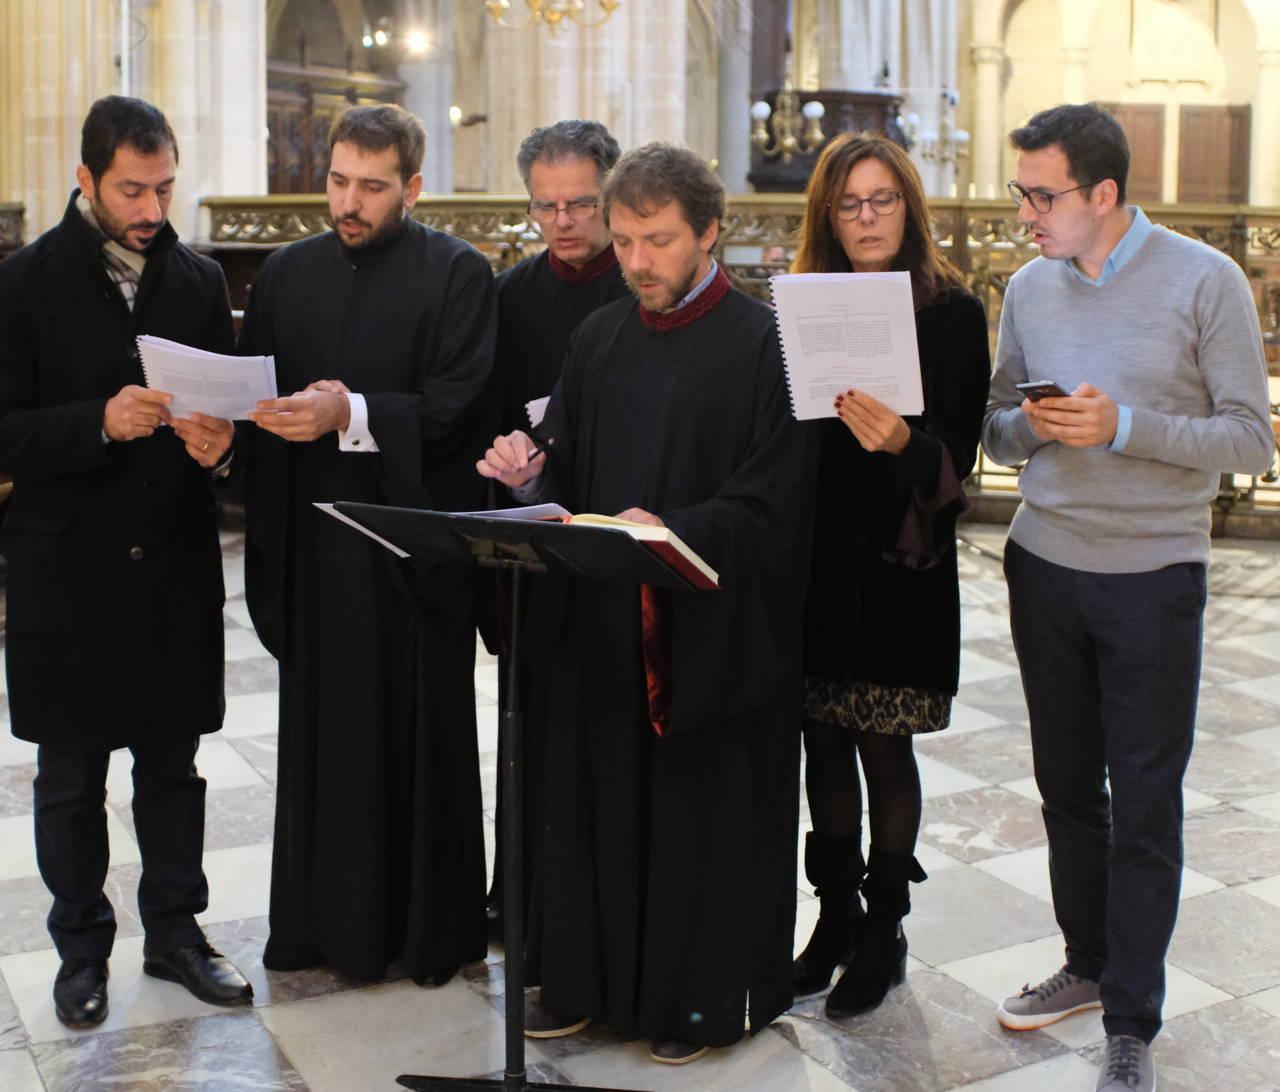 DSCF2045 - Παρίσι: Ορθόδοξος Εσπερινός στον Άγιο Γερμανό Λούβρου